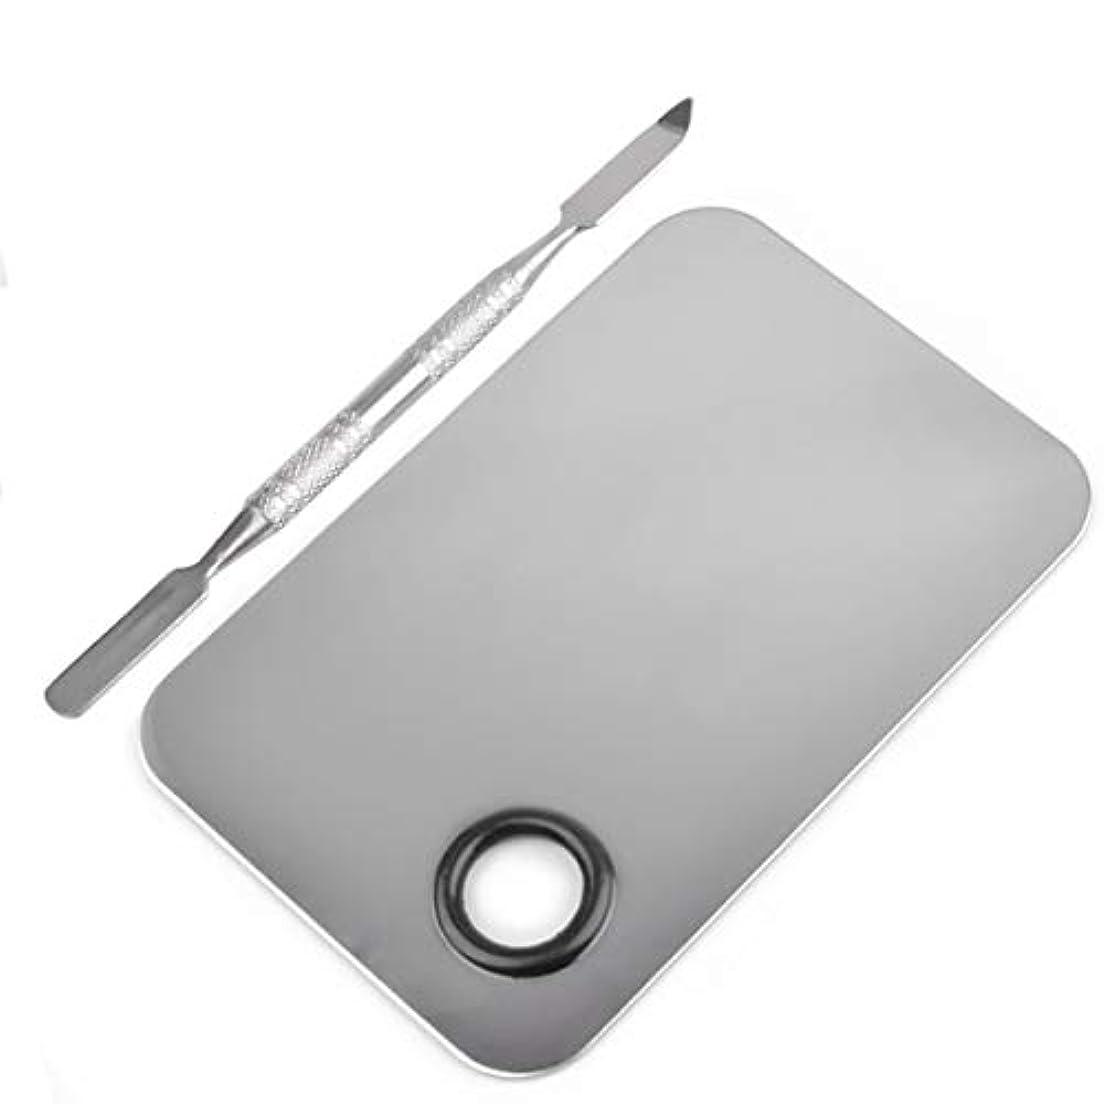 証言メイトスケート長方形の形のステンレス鋼化粧品メイクアップパレットへらツールセットネイルアート機器ツールキット美容ツール(シルバー)